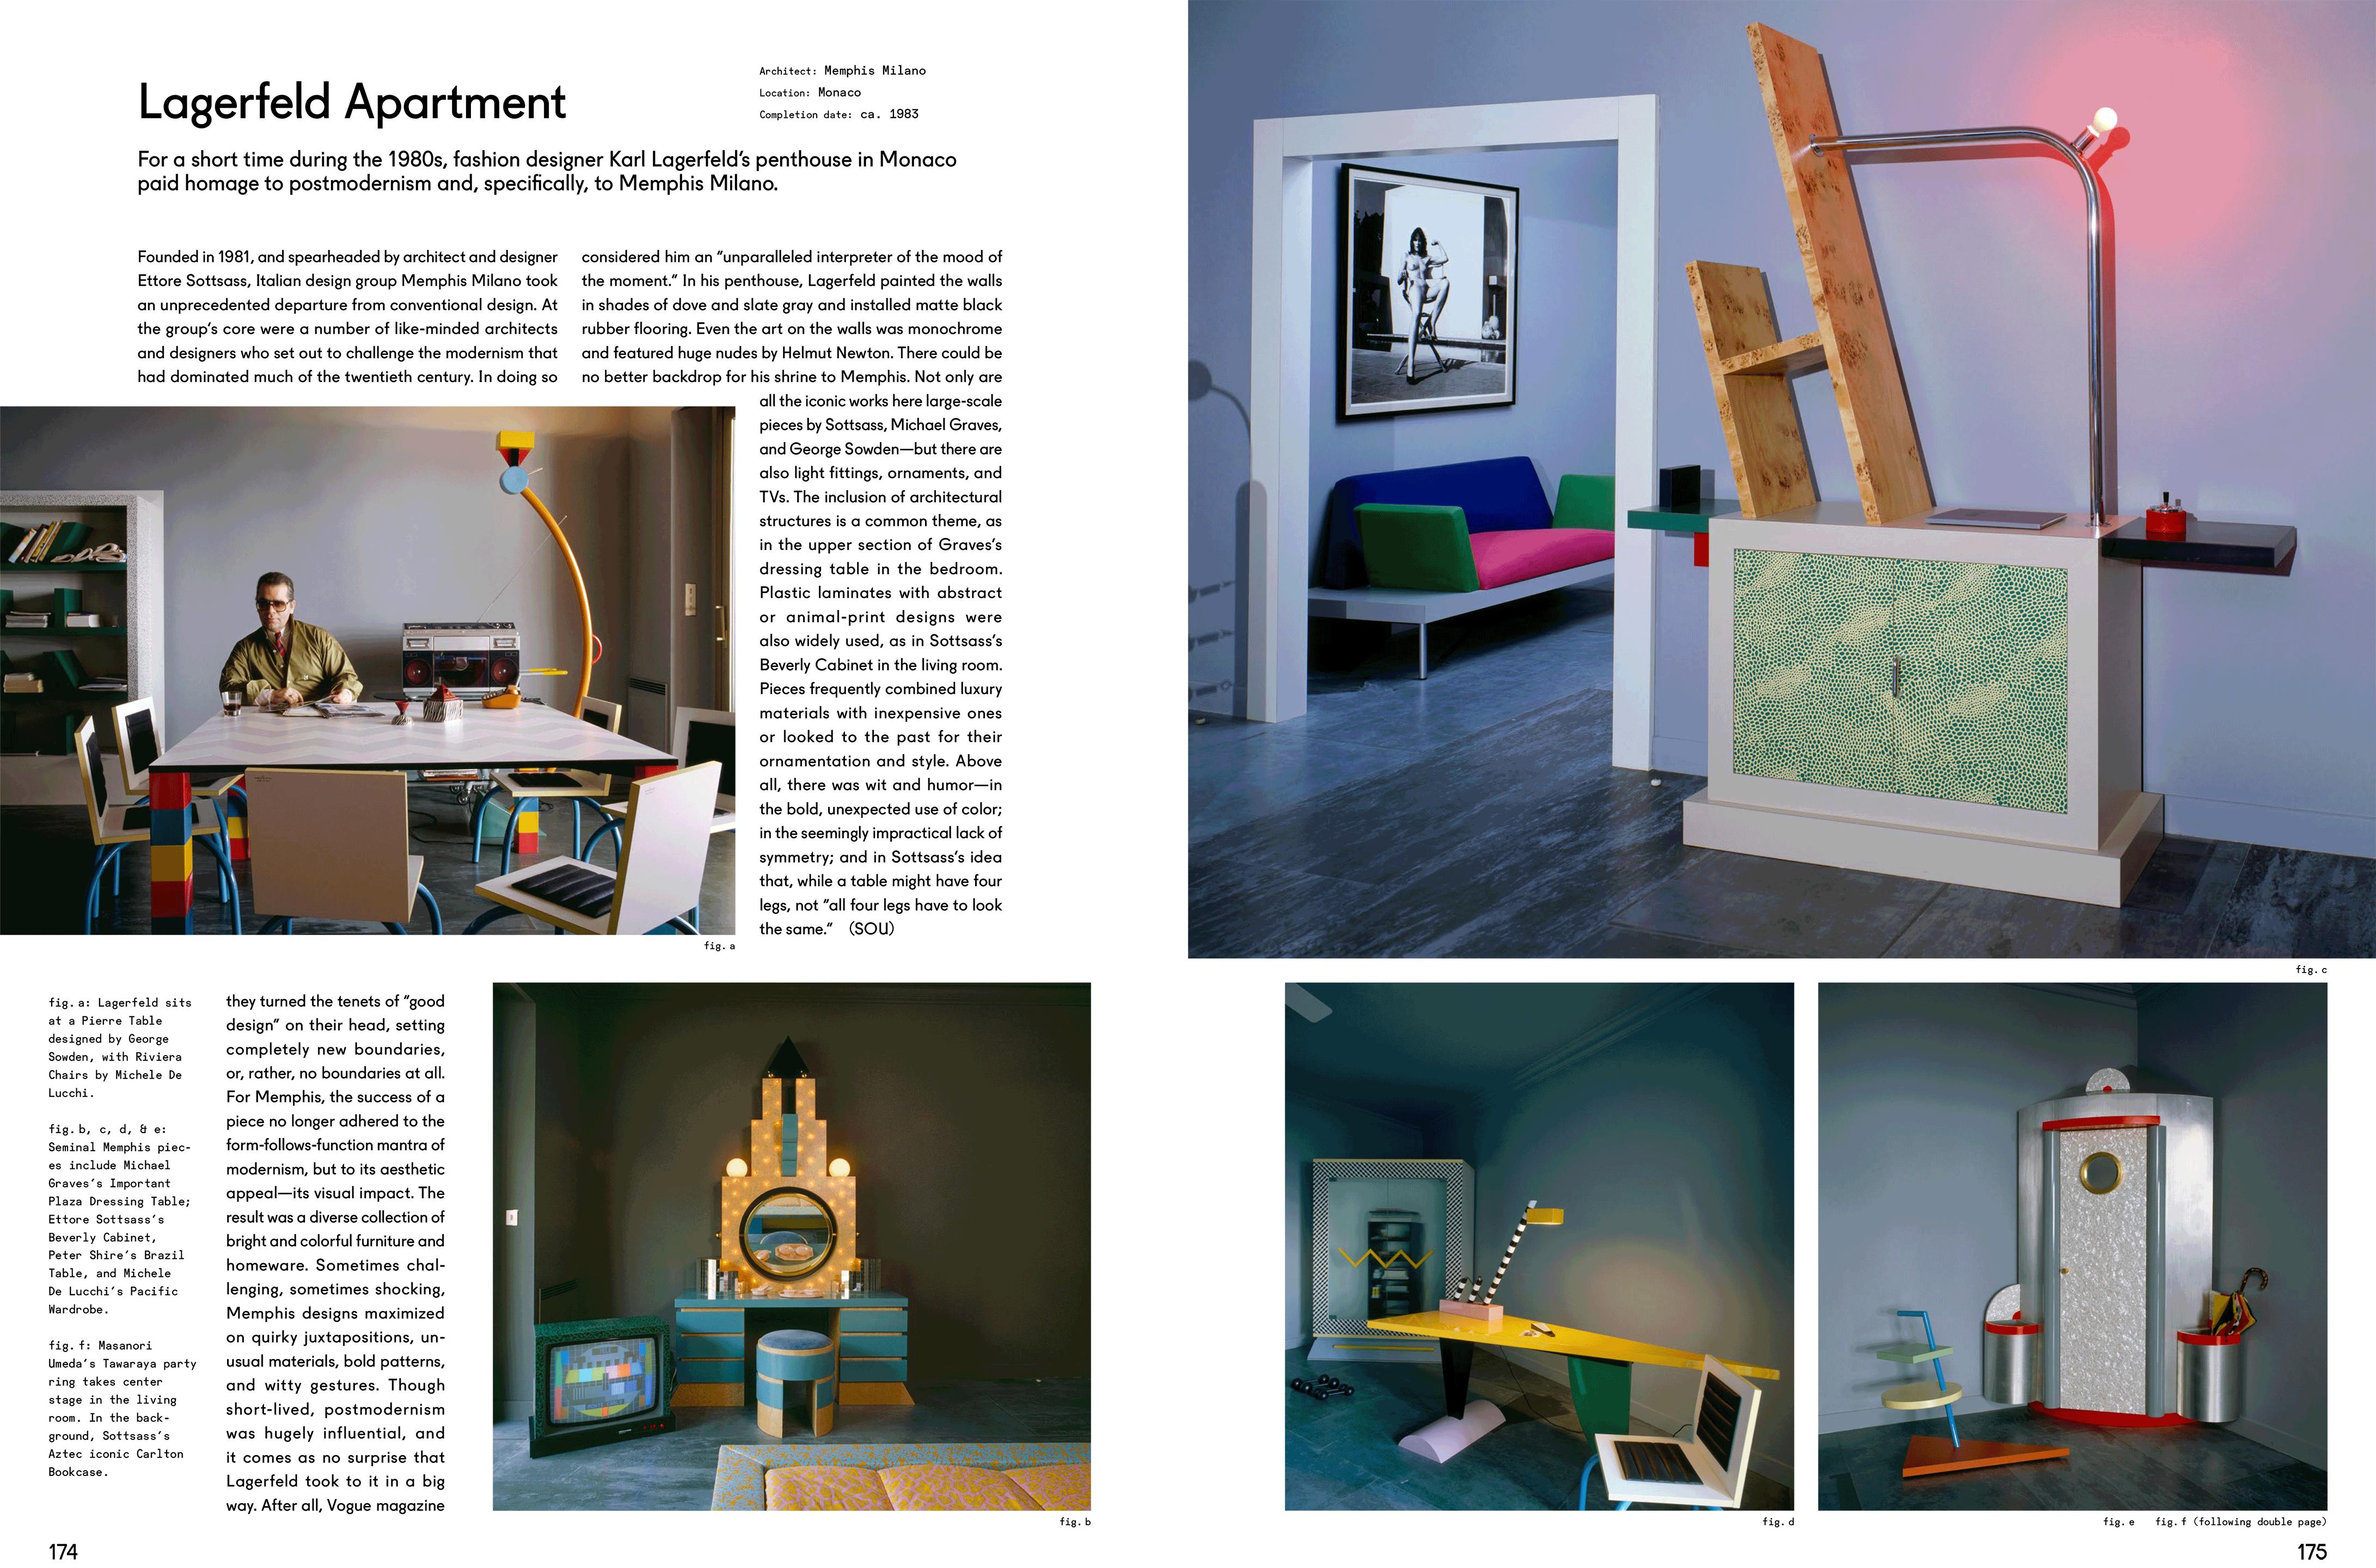 Diese Doppelseite zeigt das Lagerfeld Apartment vom Architekten Memphis Milano.